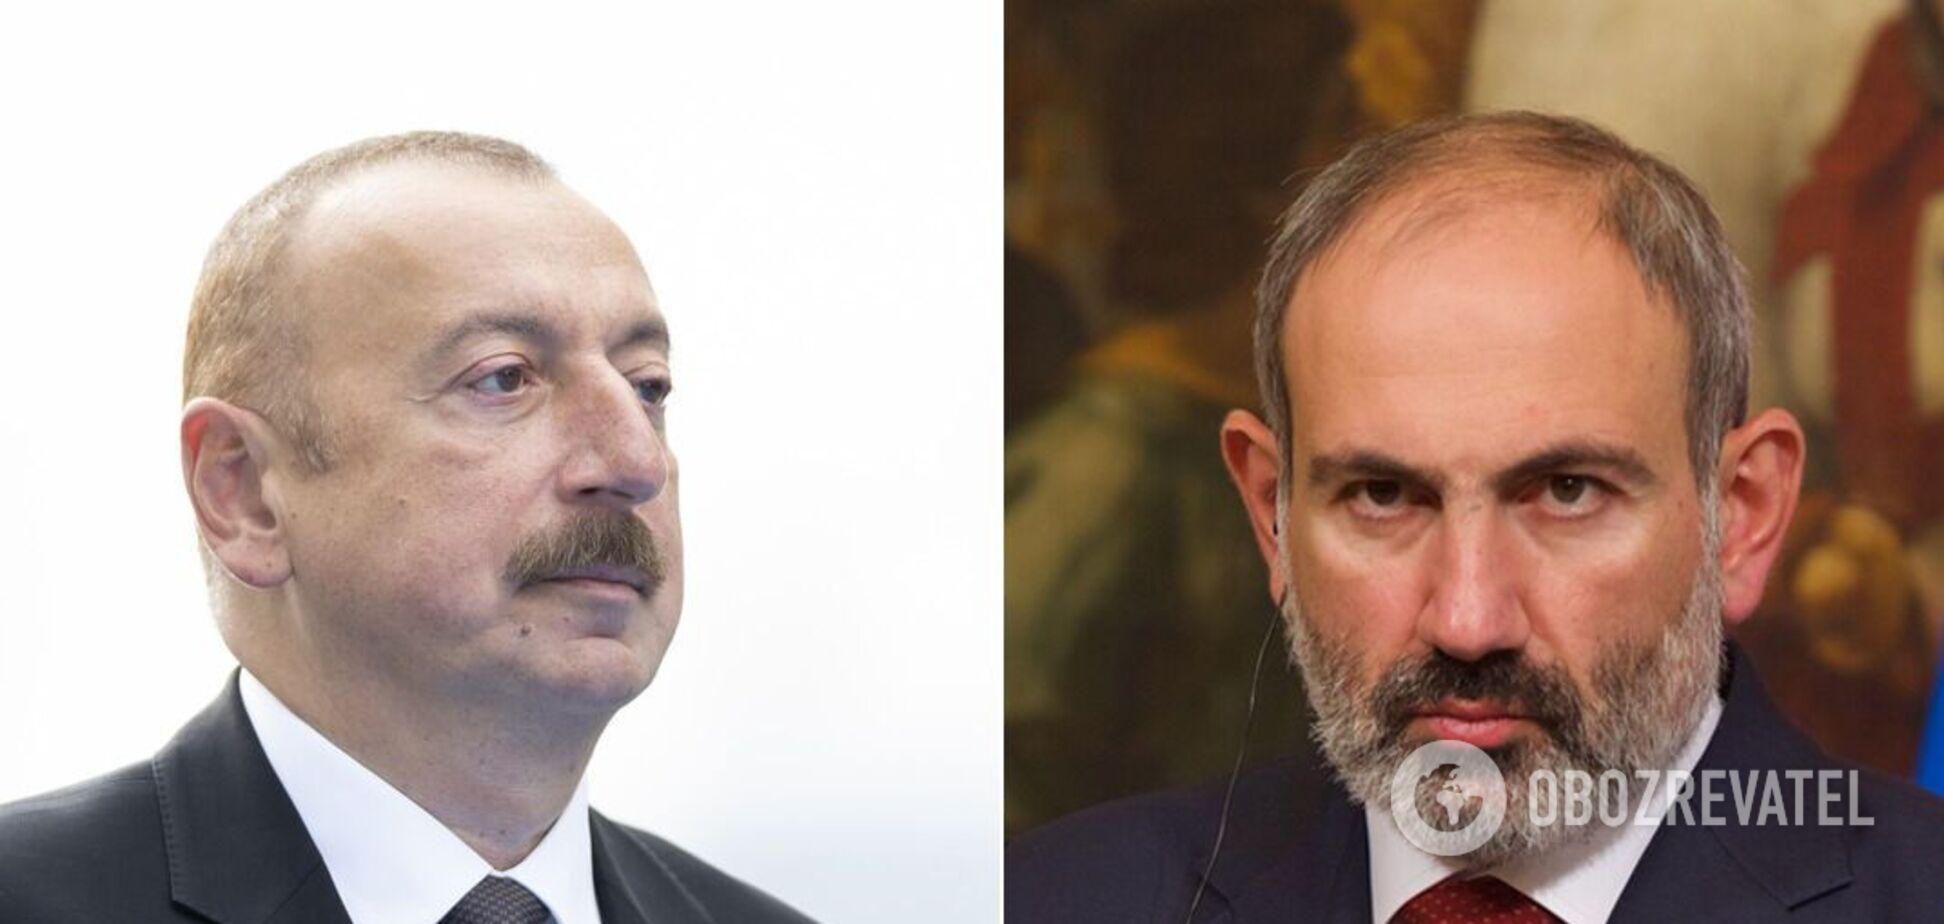 Пашинян і Алієв зробили заяви про припинення війни